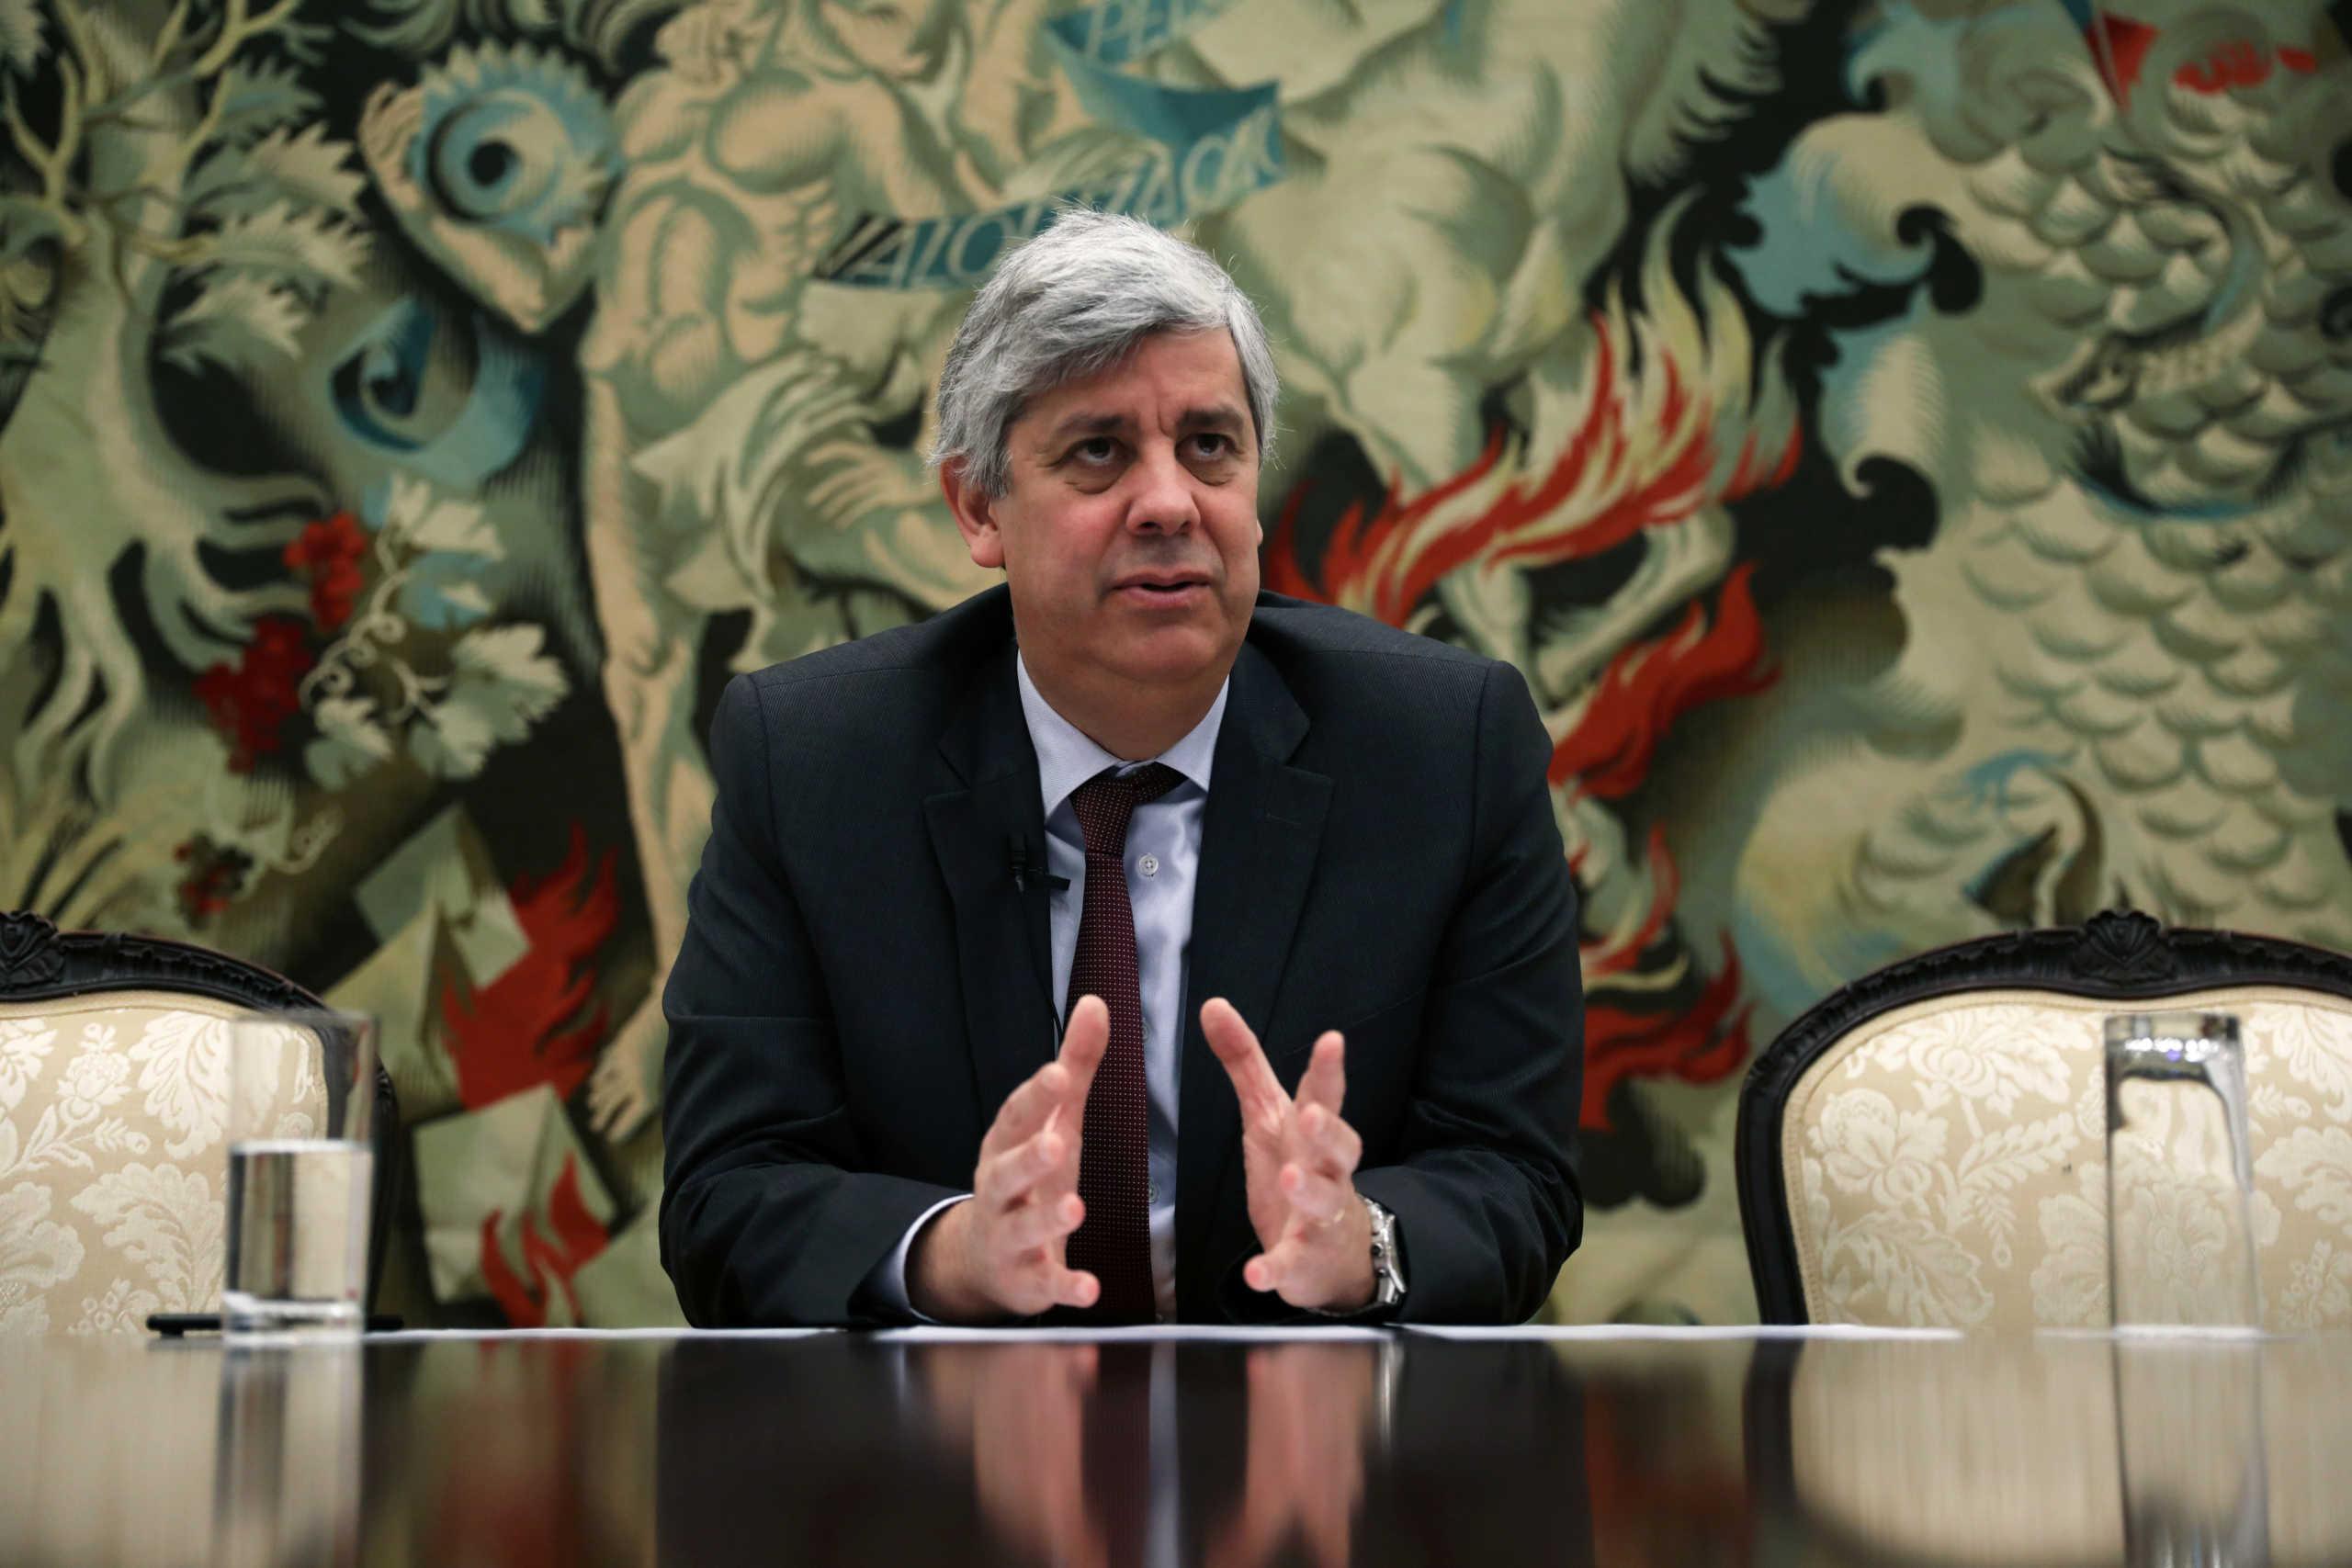 Πορτογαλία: Παραιτείται ο Μάριο Σεντένο από τη θέση του ΥΠΕΞ